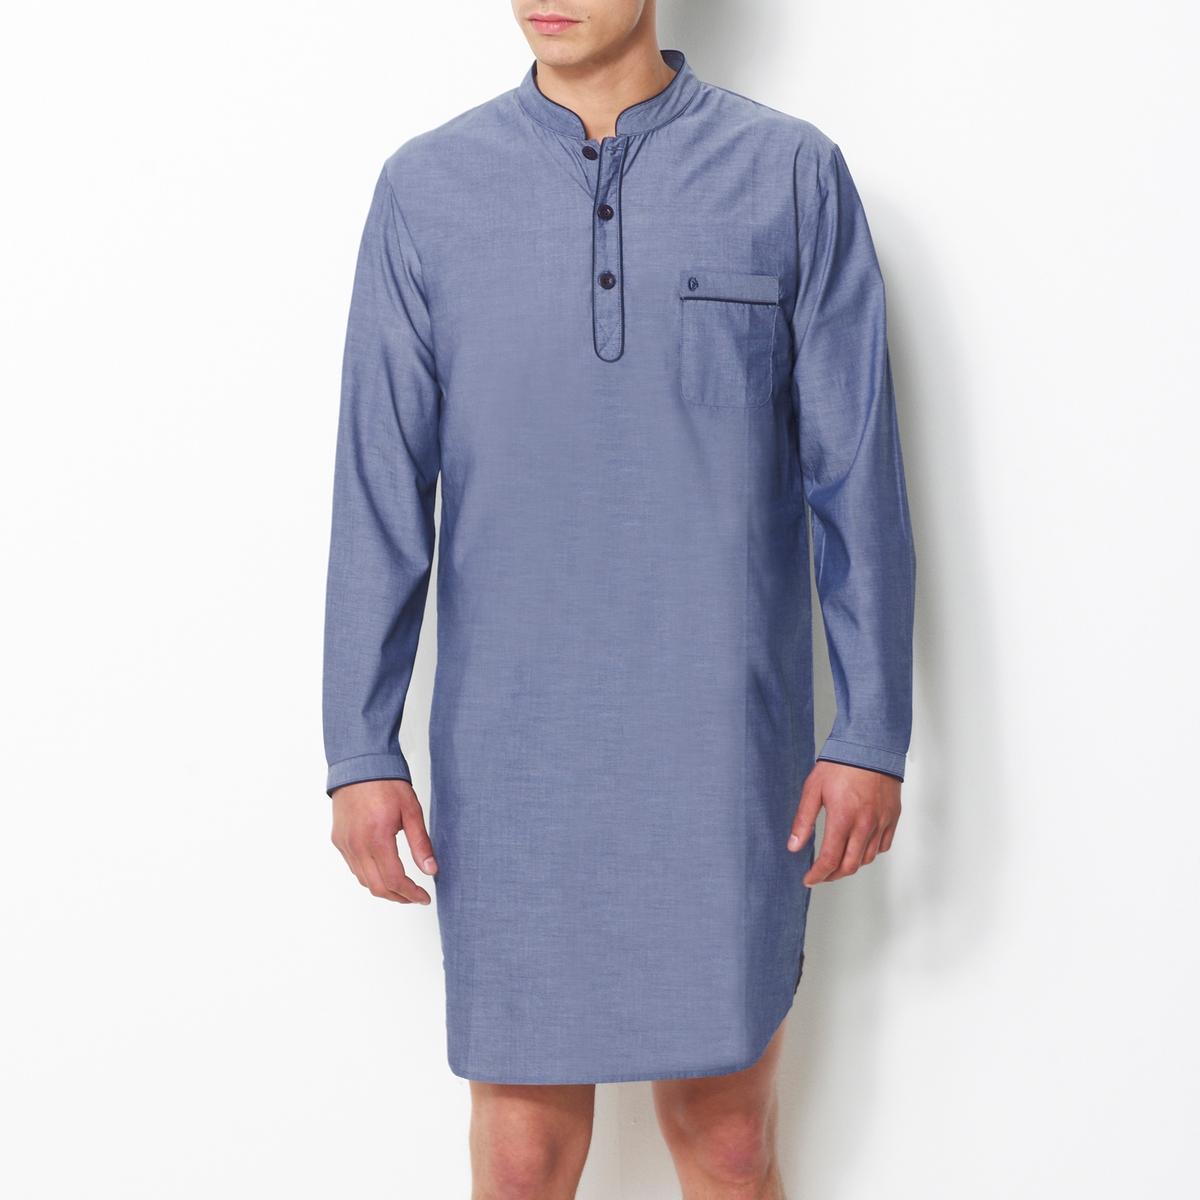 Пижама-рубашка в полоску из поплинаПижама-рубашка в полоску из поплина, 100% хлопок с окрашенными волокнами. Длинные рукава. Воротник-стойка с застежкой на 3 пуговицы. 1 нагрудный карман с вышивкой. Длина 100 см.<br><br>Цвет: синий в полоску,шамбрэ<br>Размер: S.M.XL.3XL.XXL